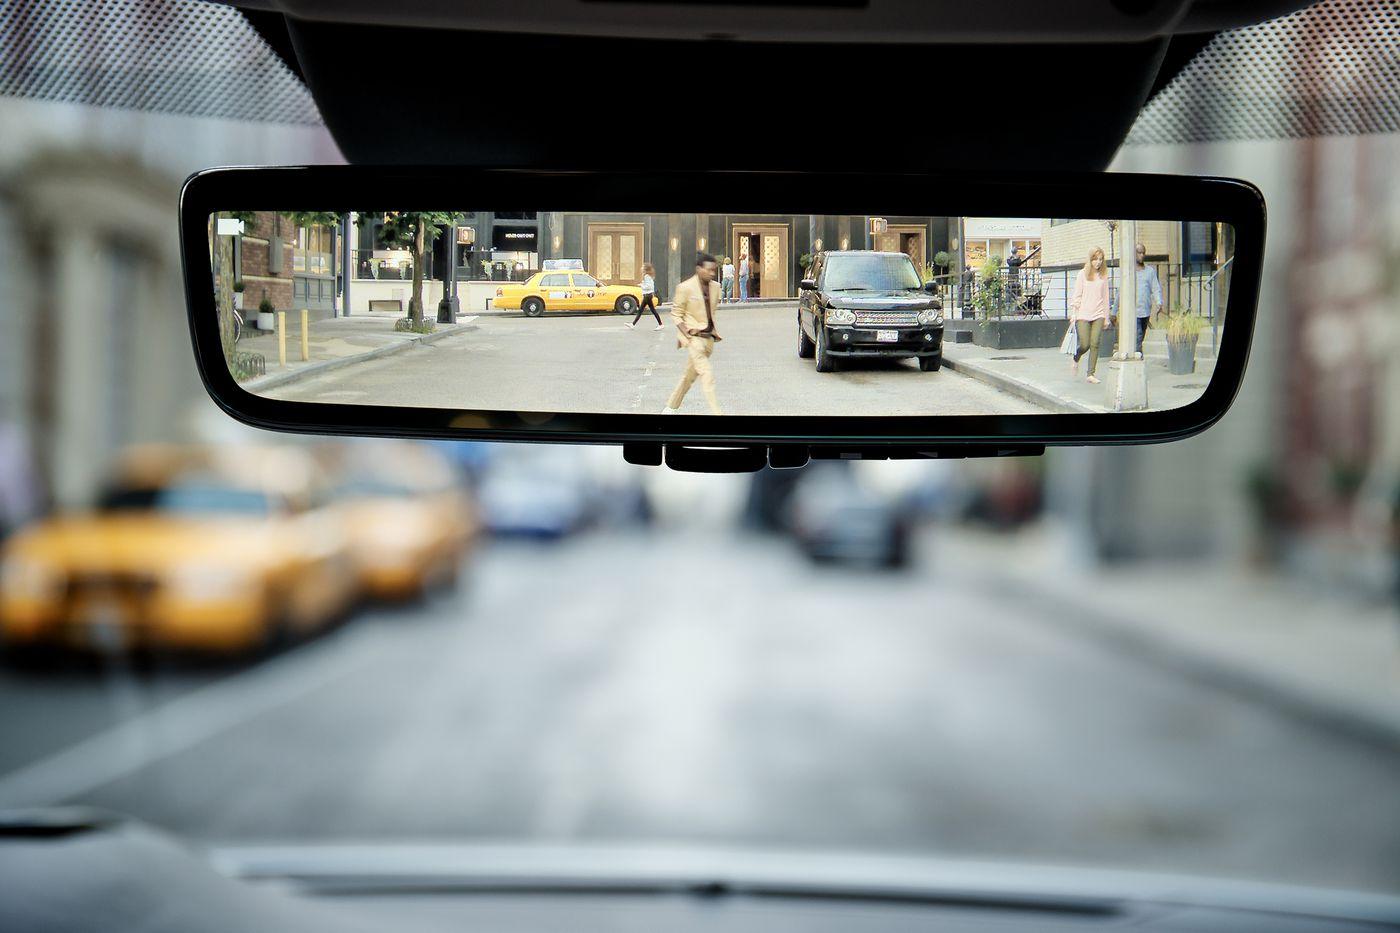 gương chiếu hậu trong xe